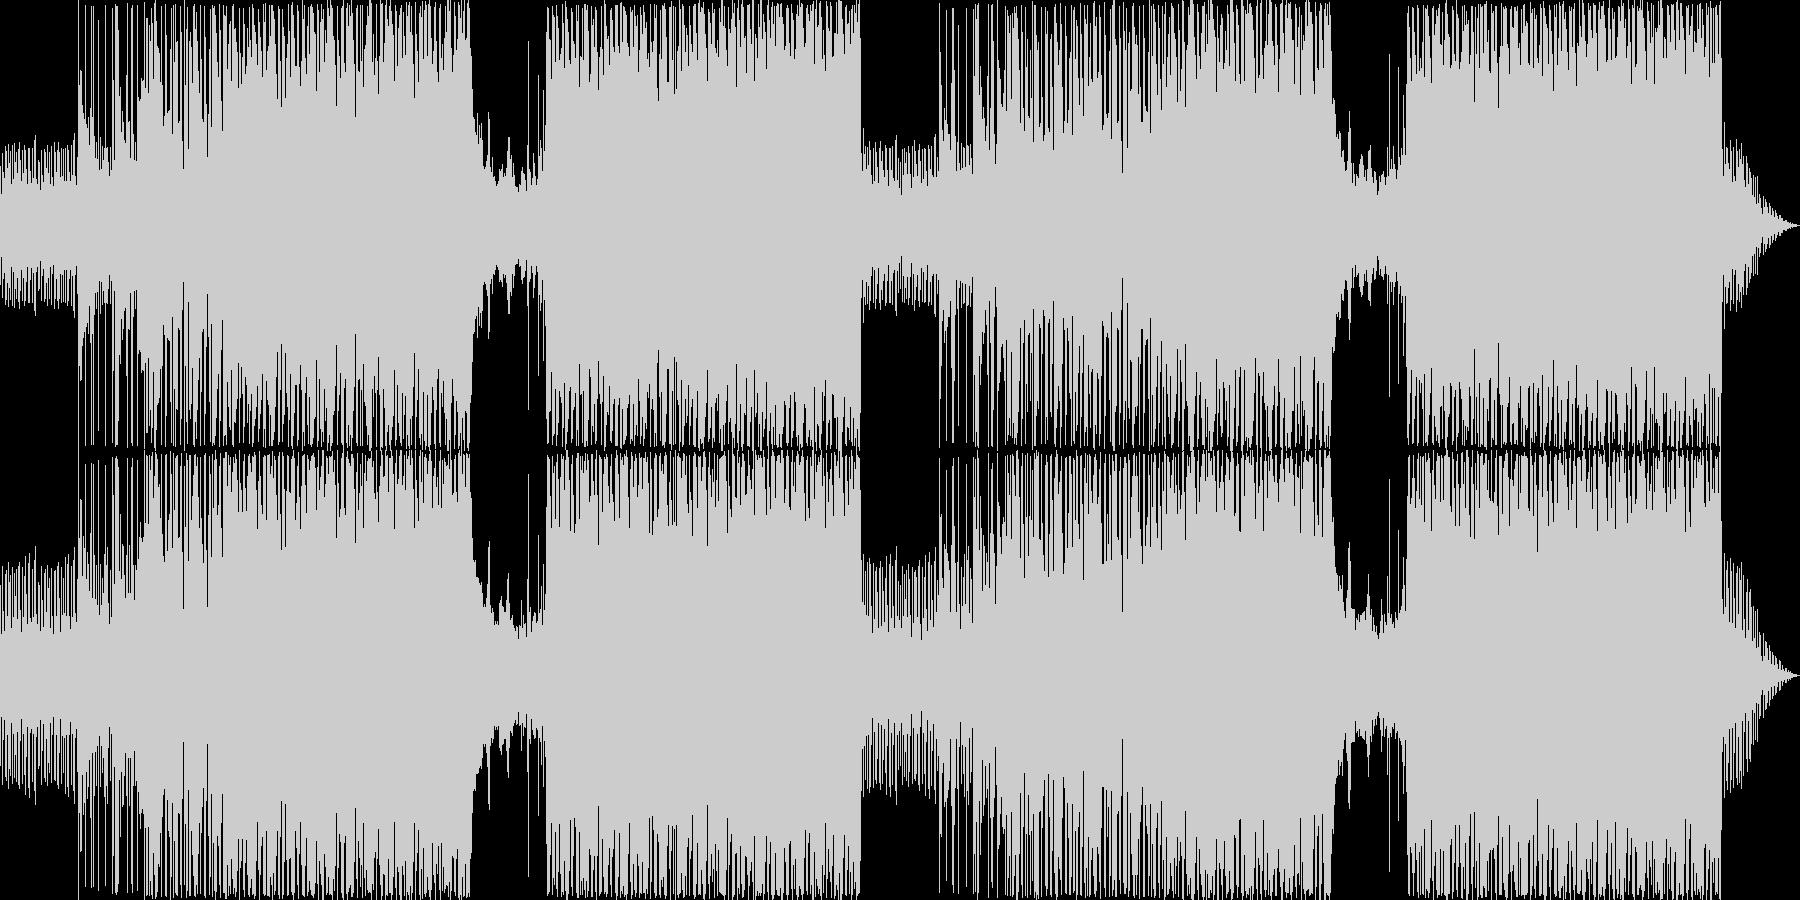 推理シーンにぴったりのミステリアスな曲の未再生の波形